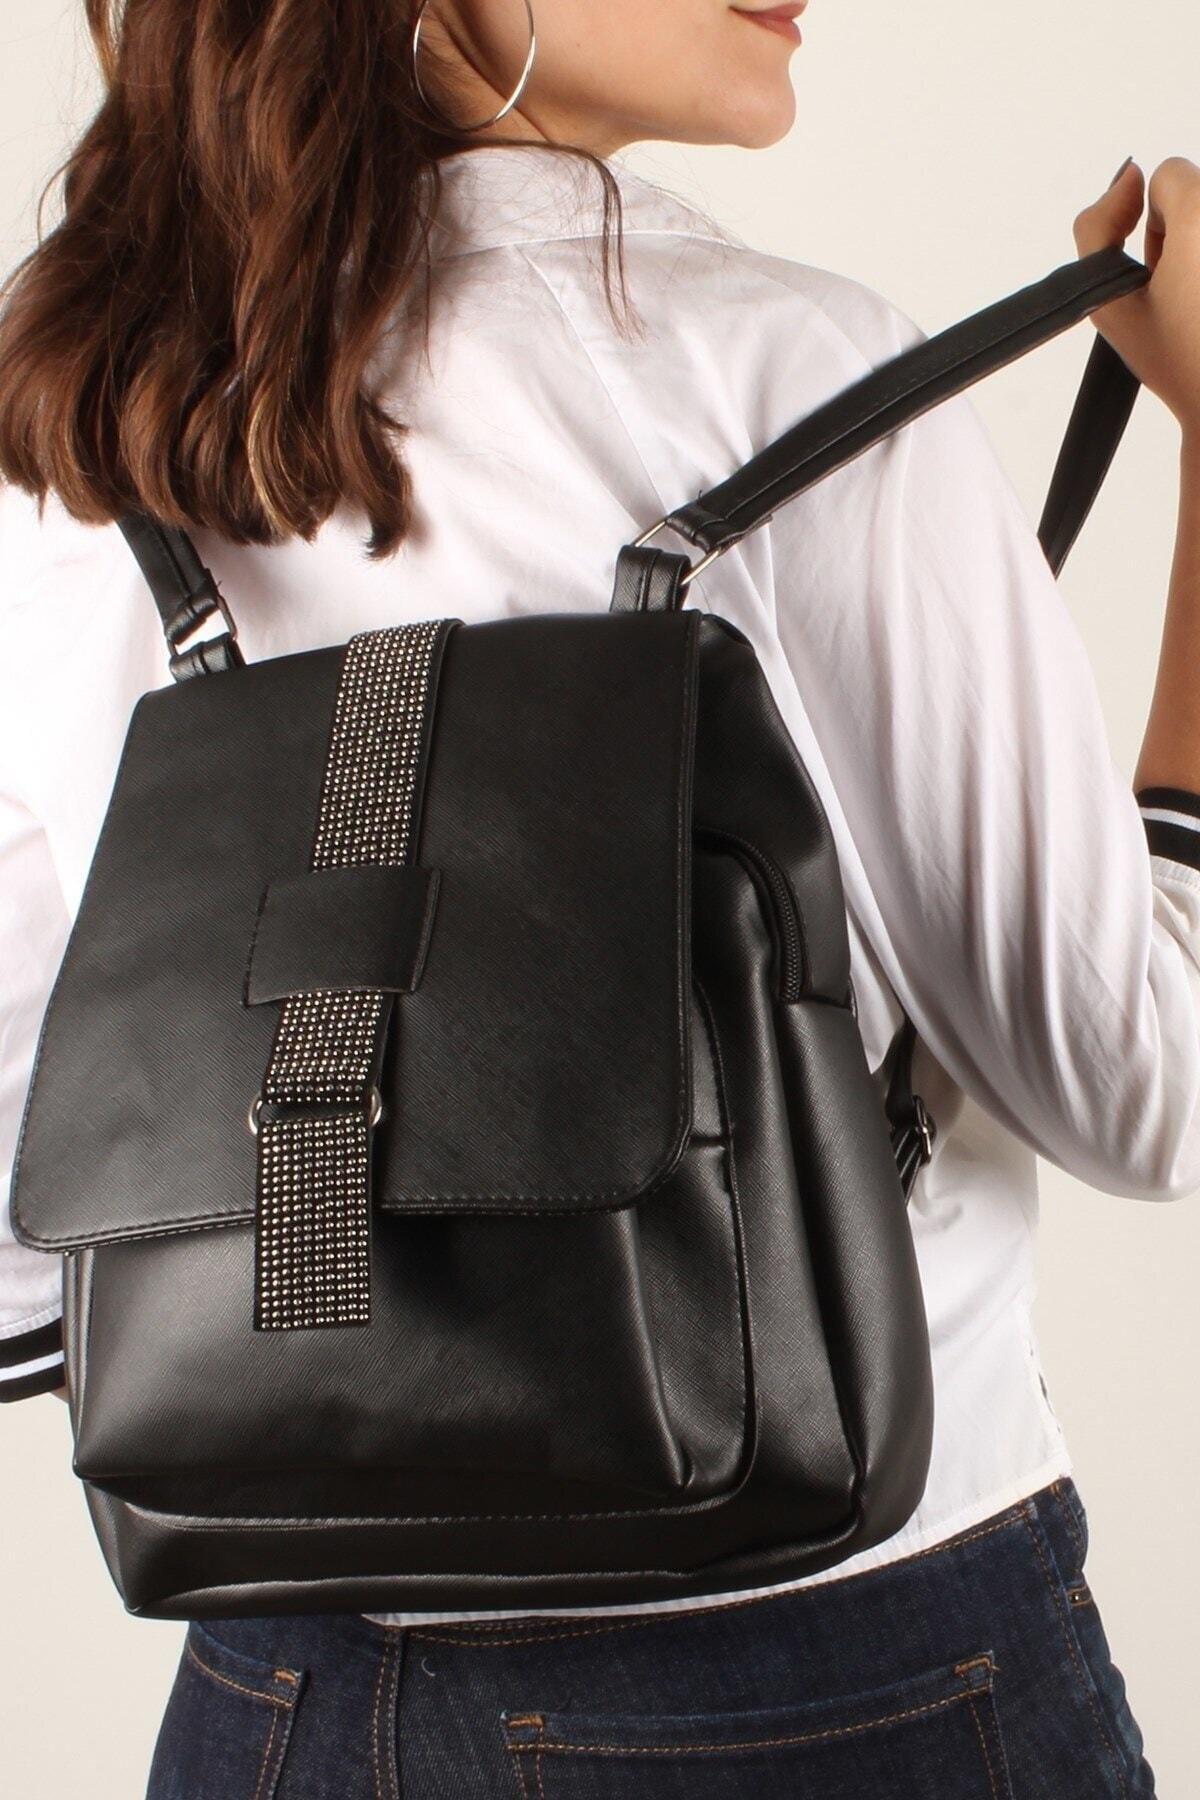 Женский черный рюкзак и сумка, Модный стильный женский черный рюкзак из искусственной кожи и стильная сумка из искусственной кожи